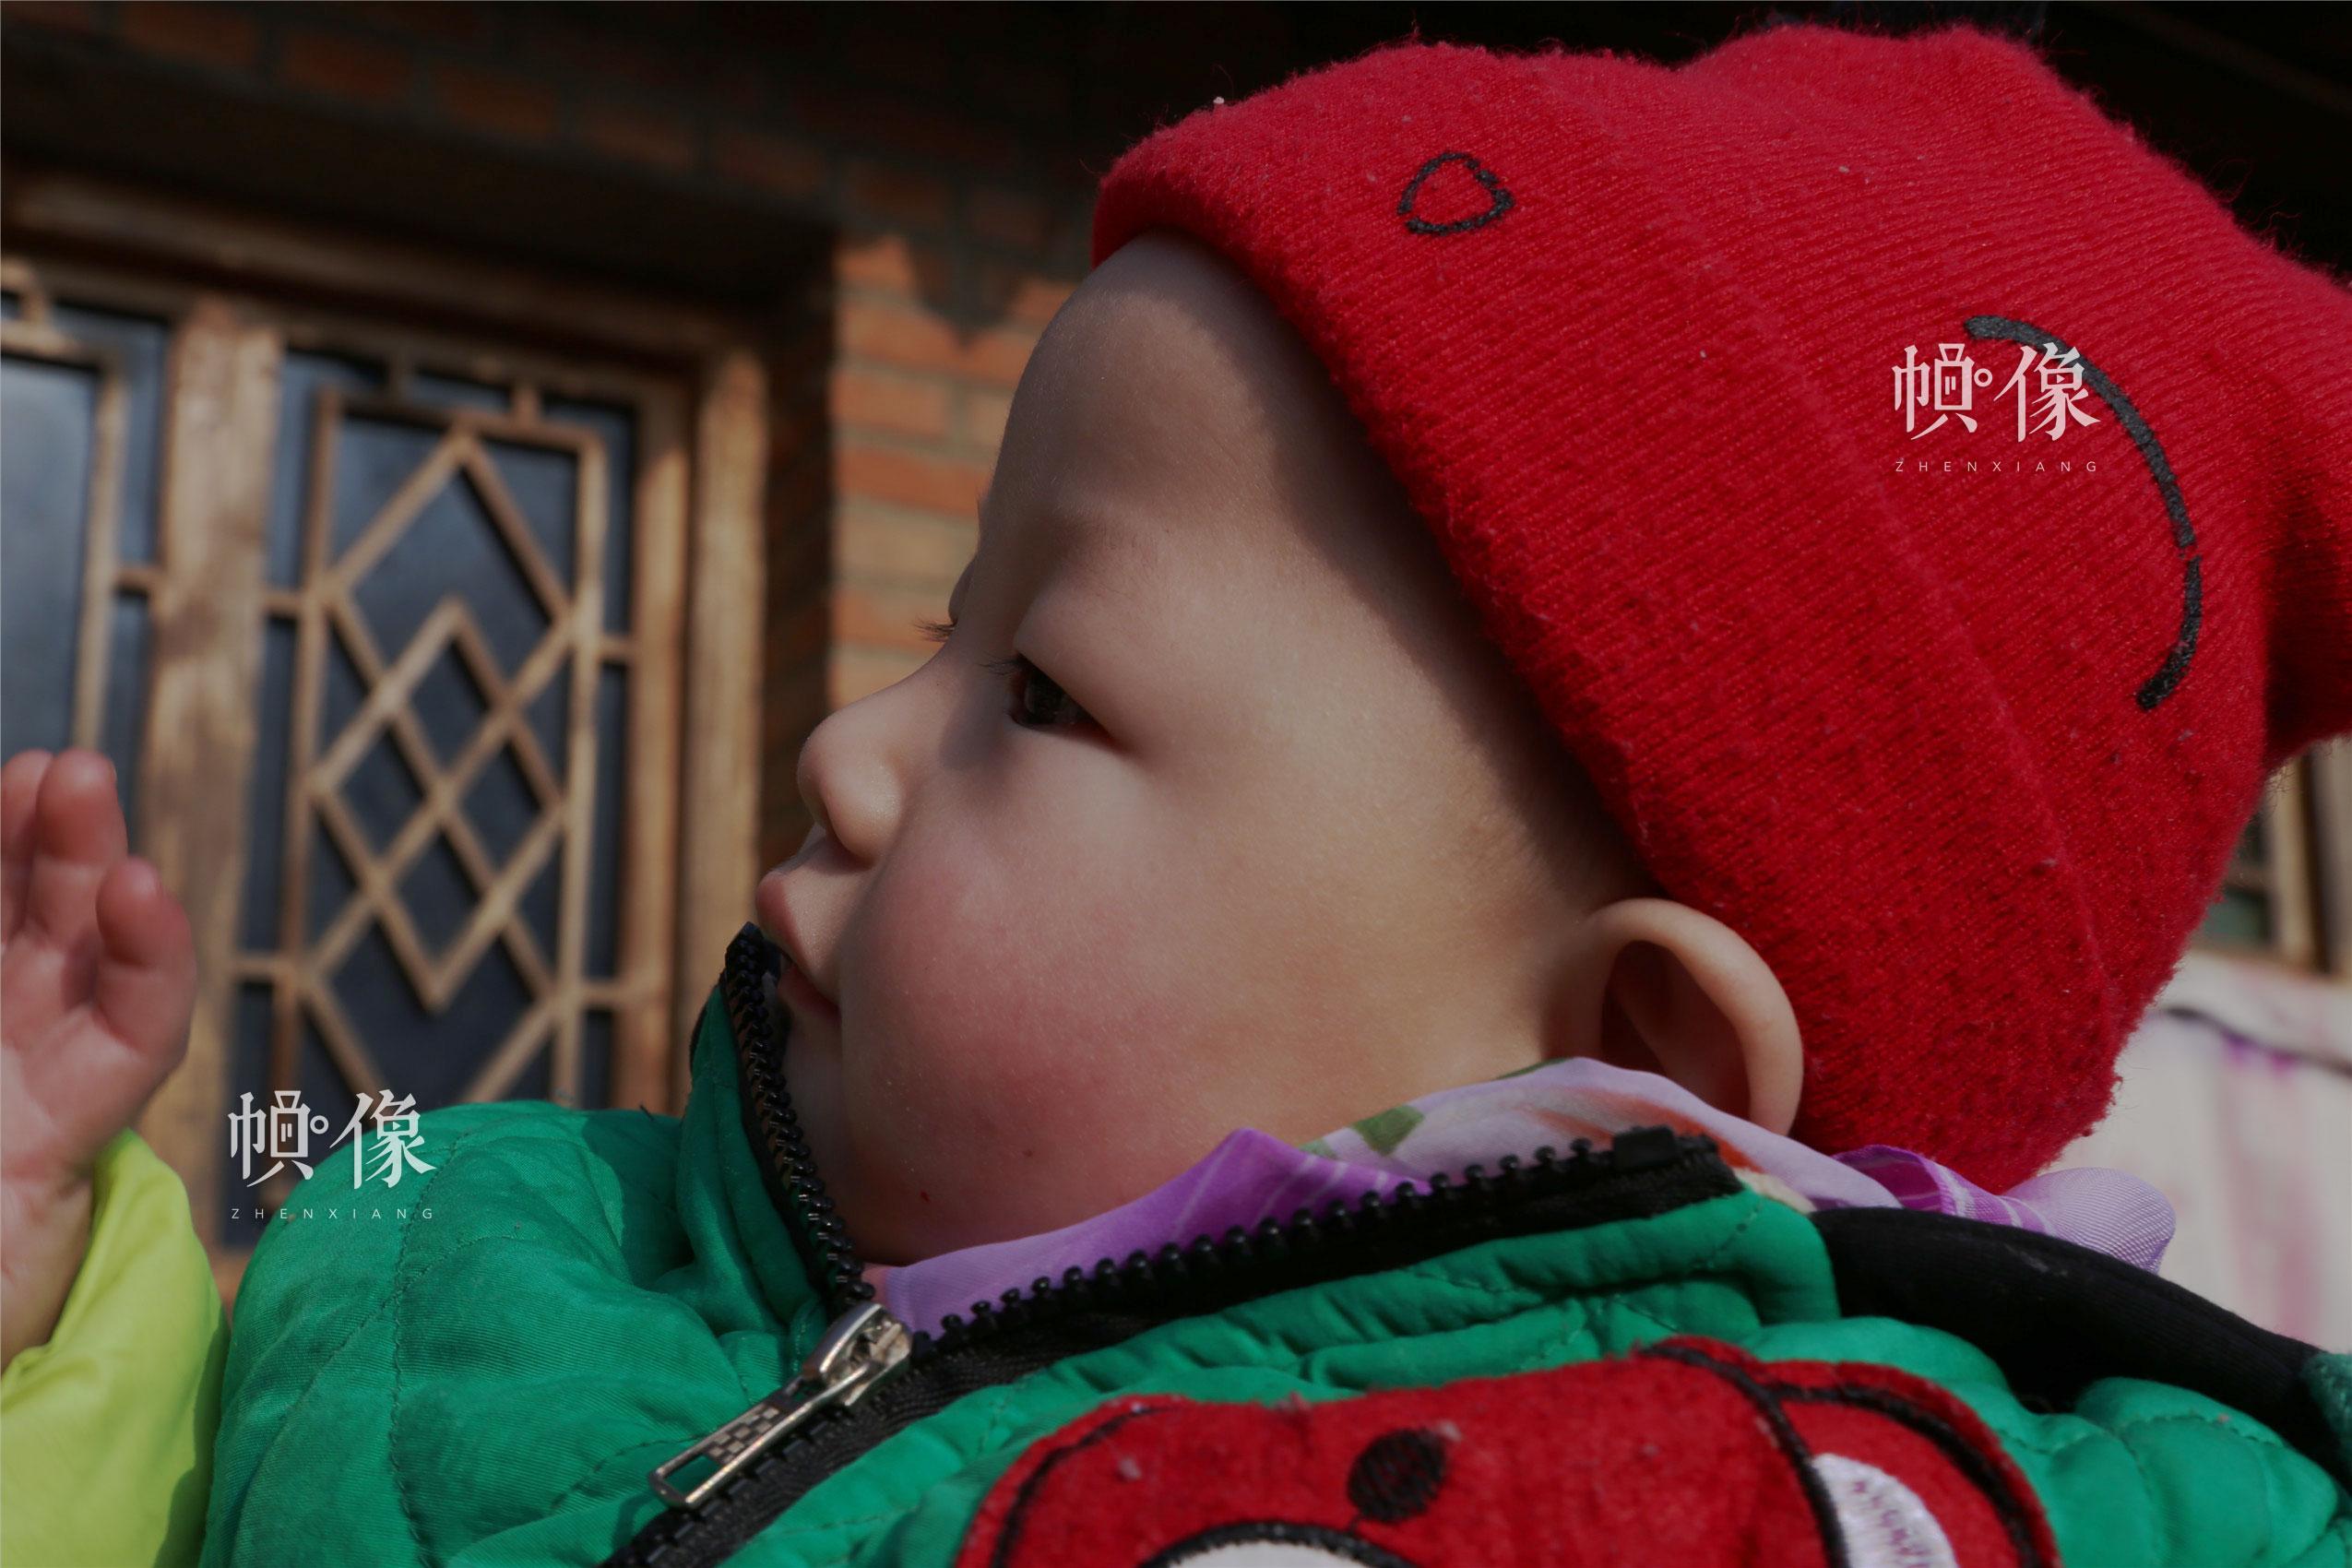 2018年1月22日,甘肃省陇南市西和县,潘小明有听力障碍的左耳。中国网实习记者 朱珊杉 摄